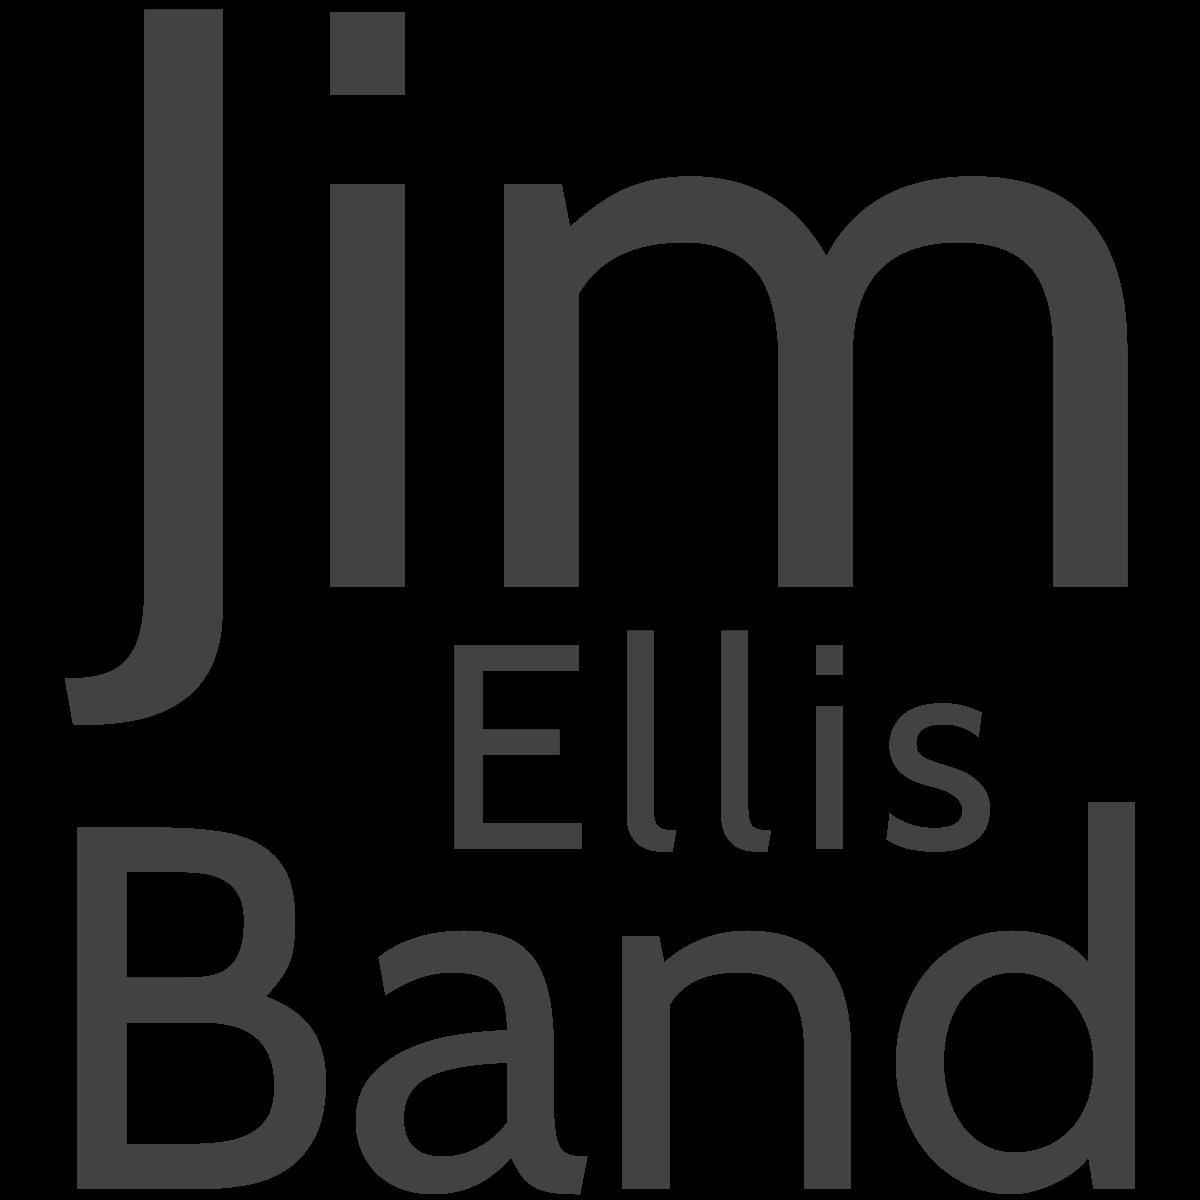 jim ellis band logo